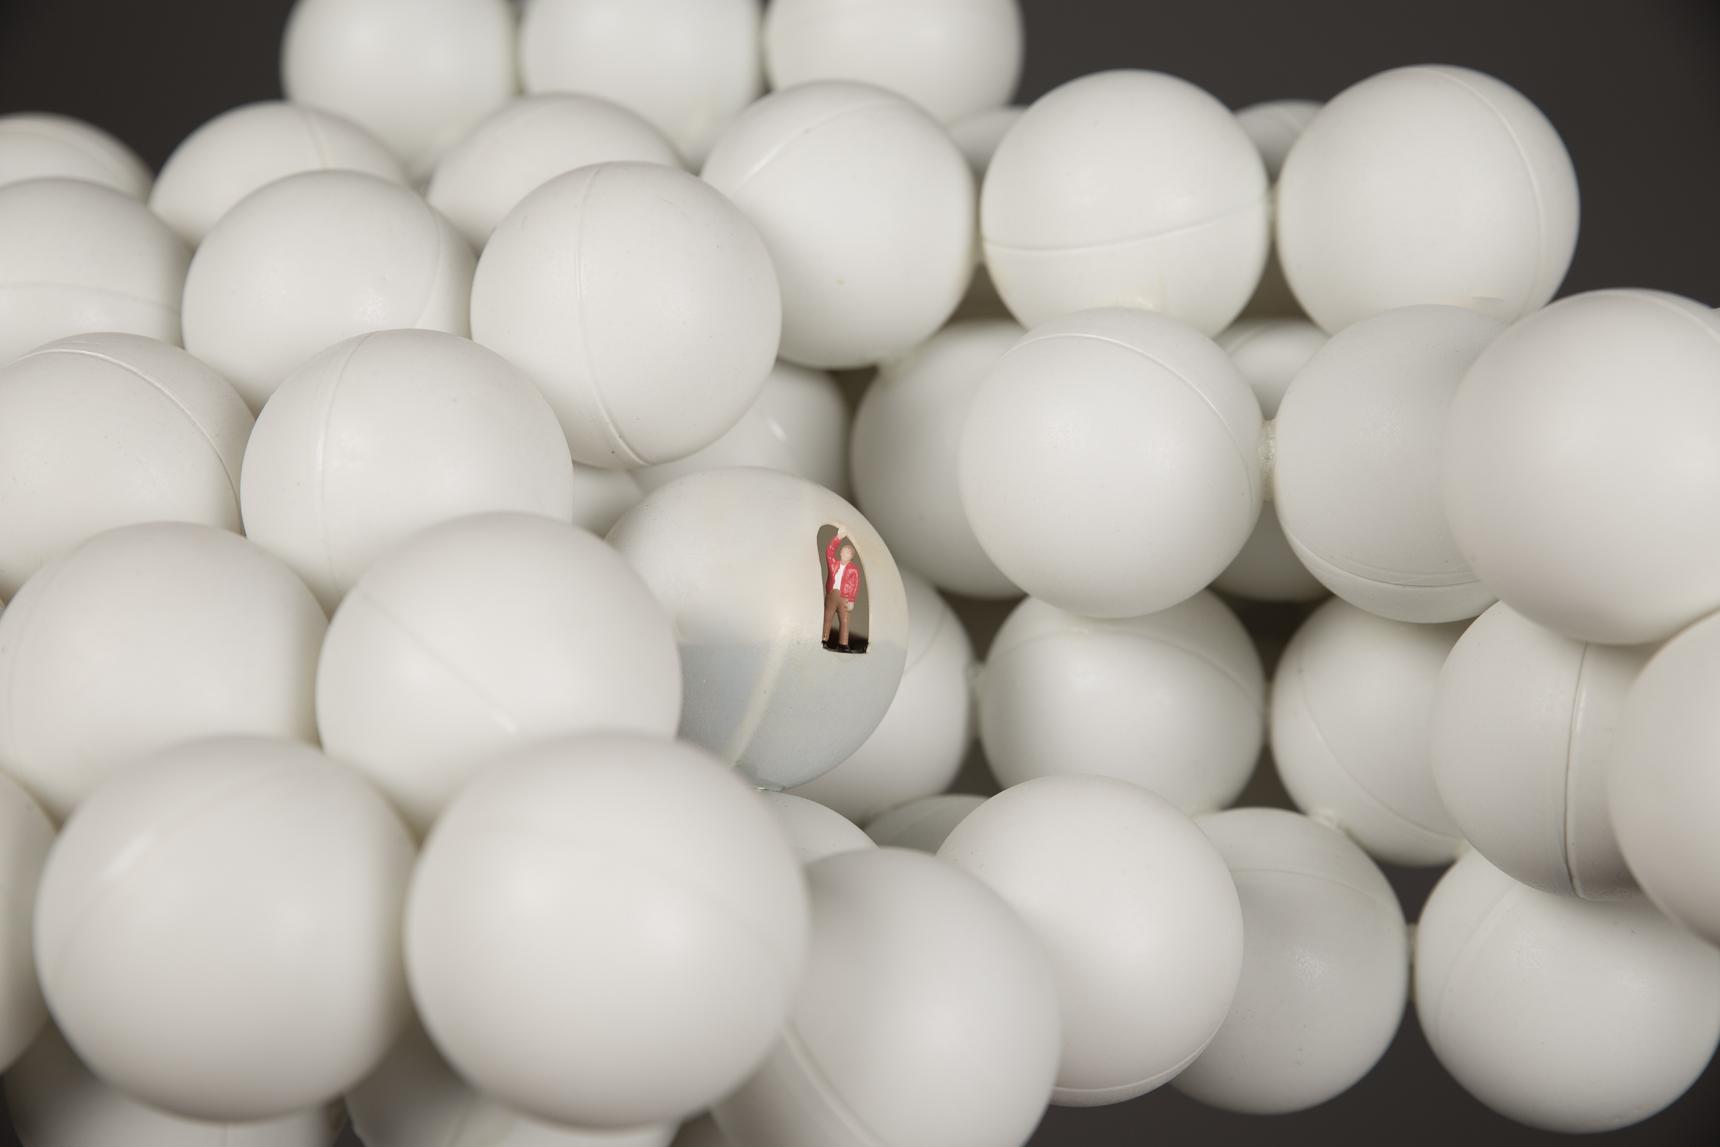 Ping_Pong_Ball-076.jpg